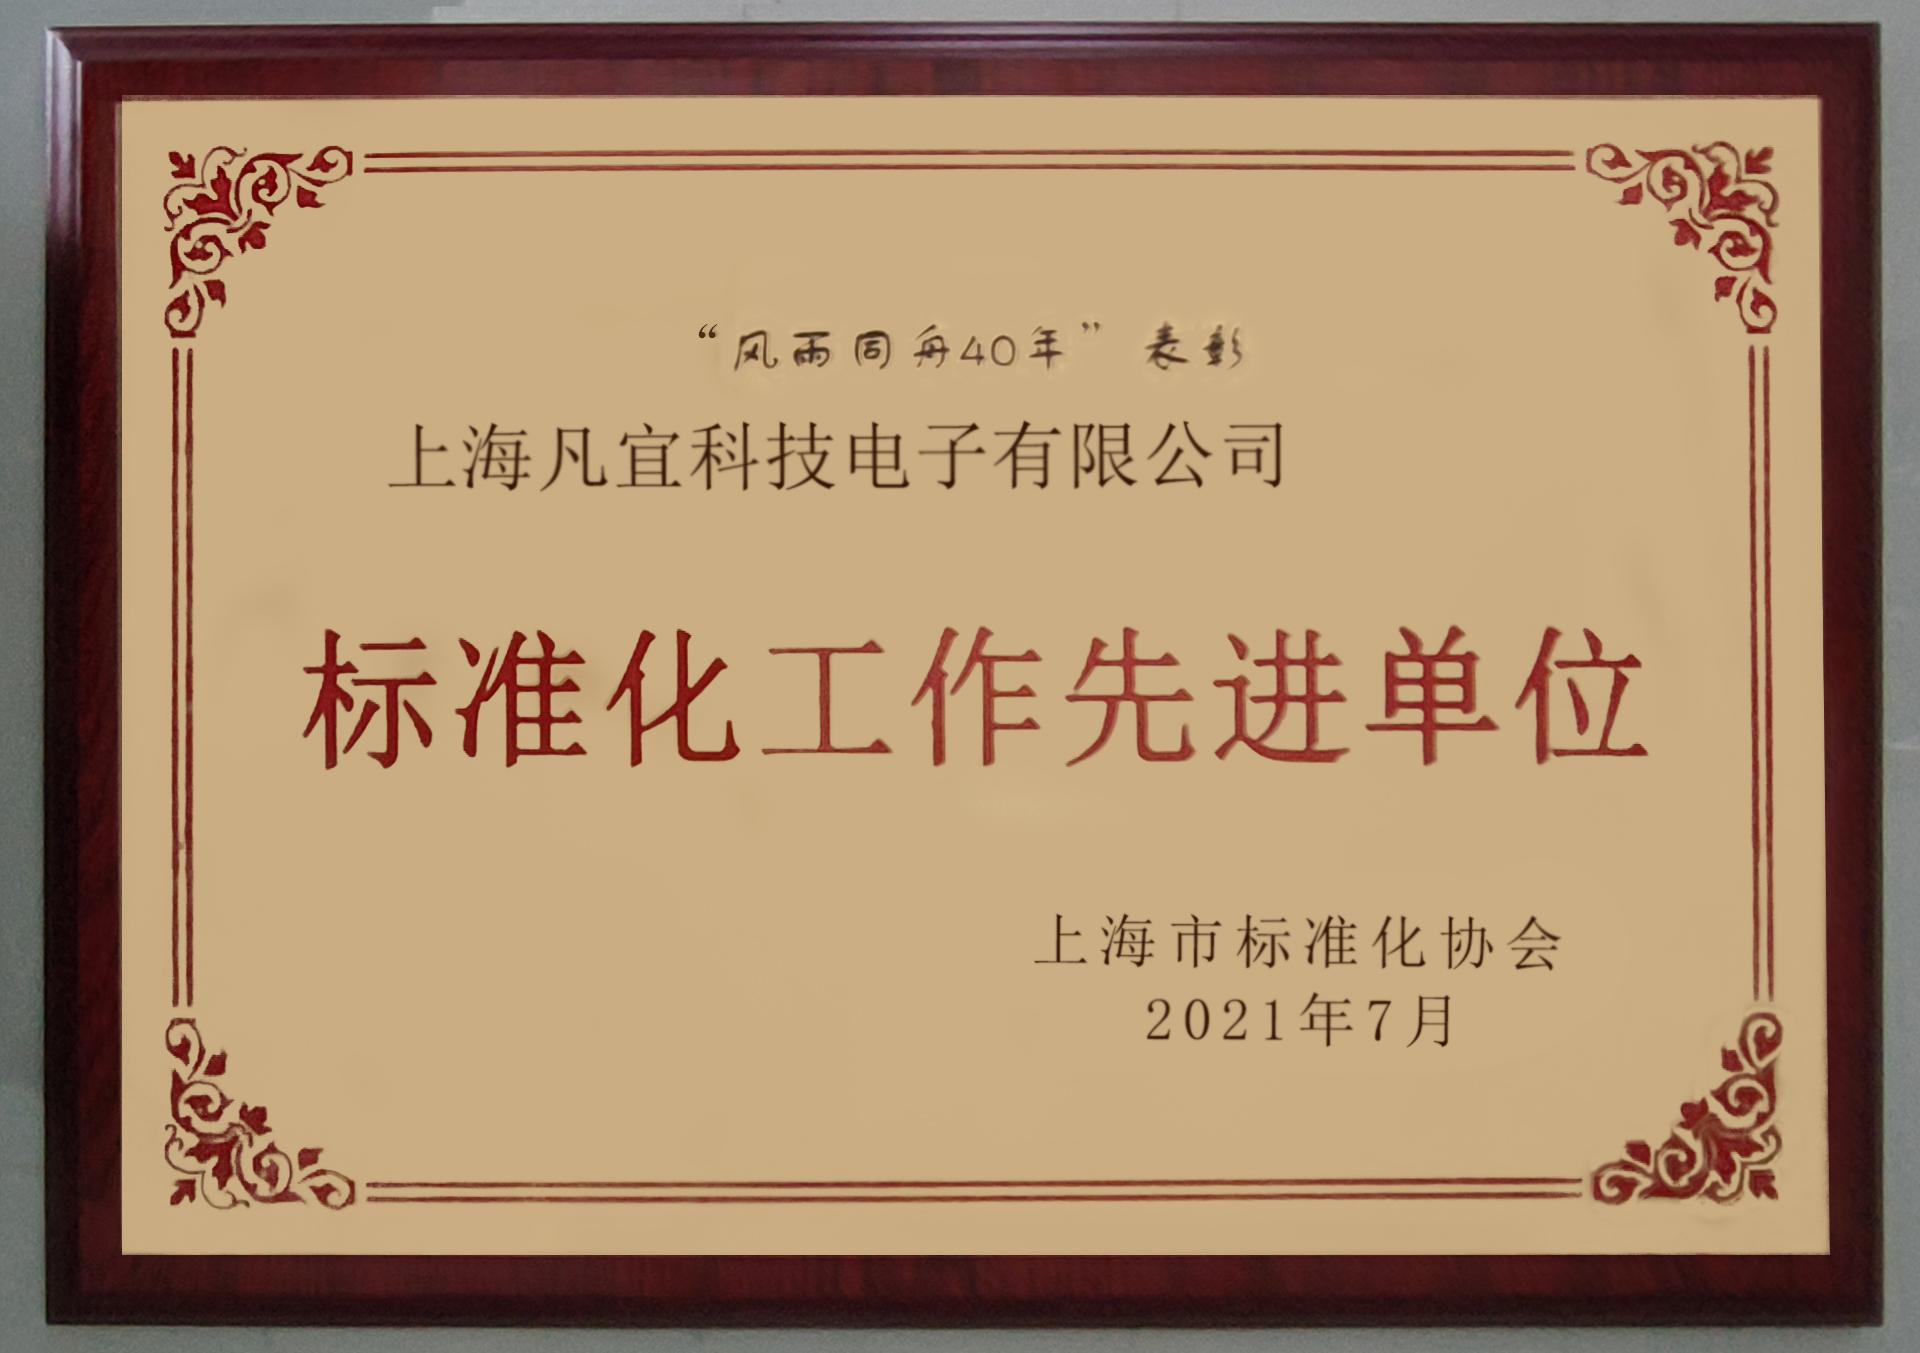 上海市标准化协会.jpg